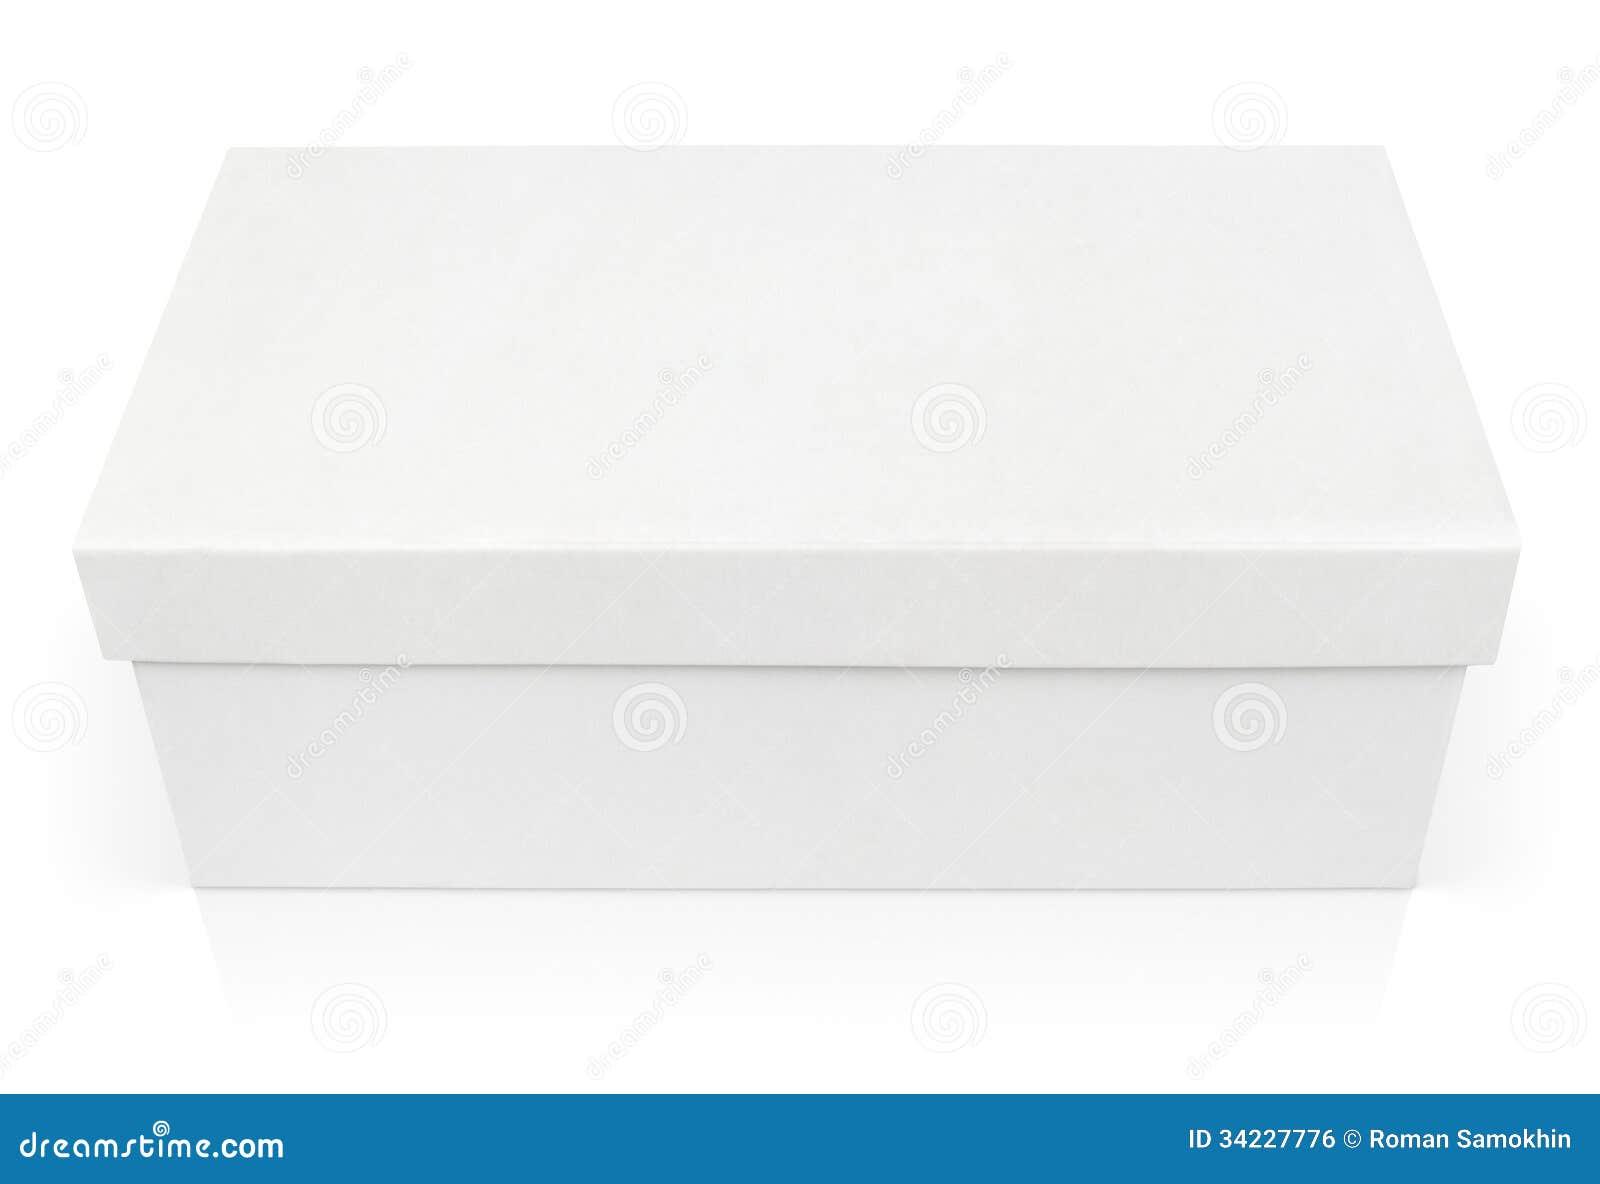 Closed Shoe Box Isolated On White Stock Photo Image